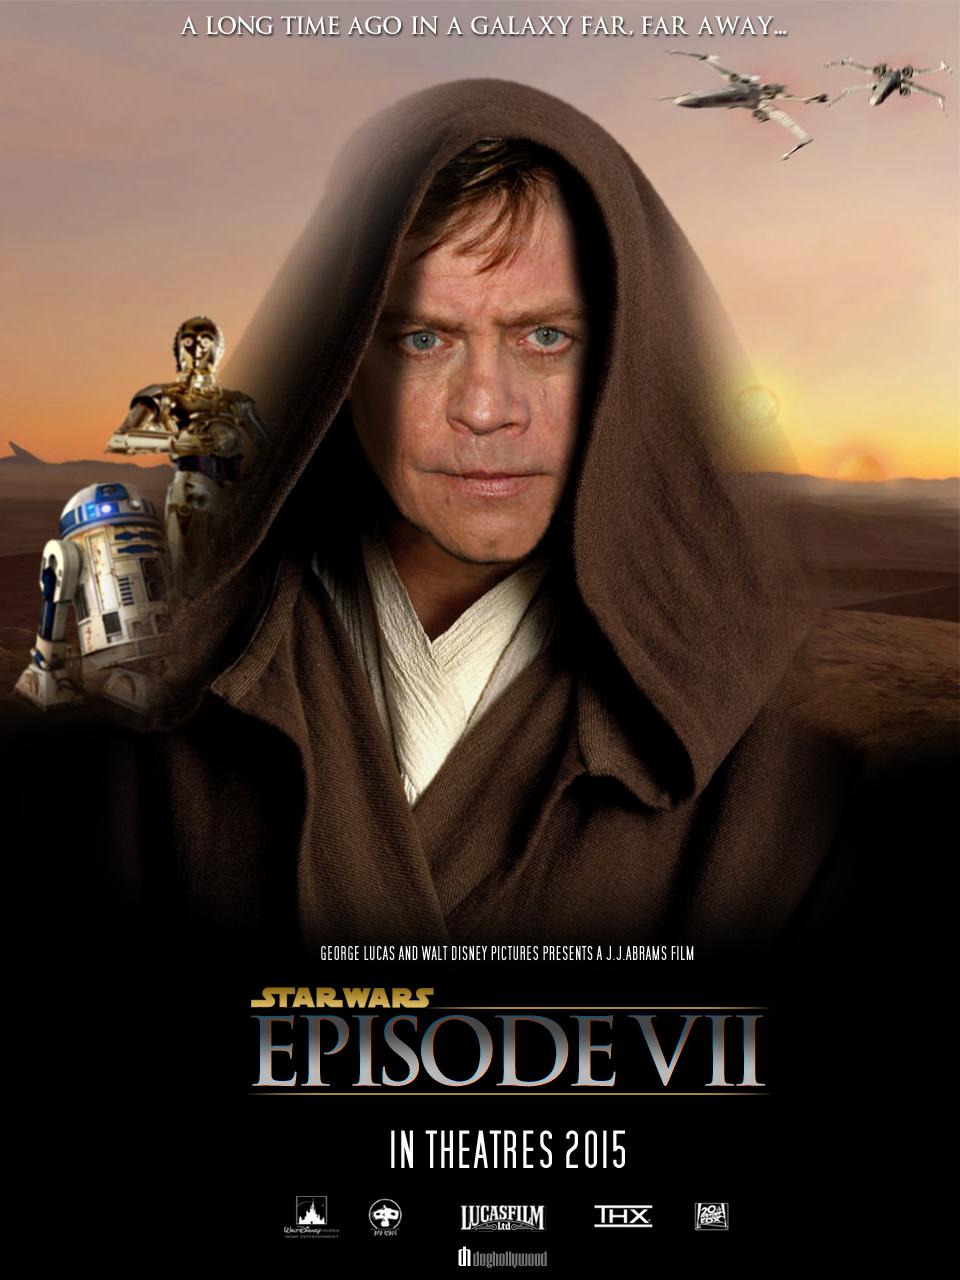 Star Wars Episode VII - Teaser 2 by DogHollywood